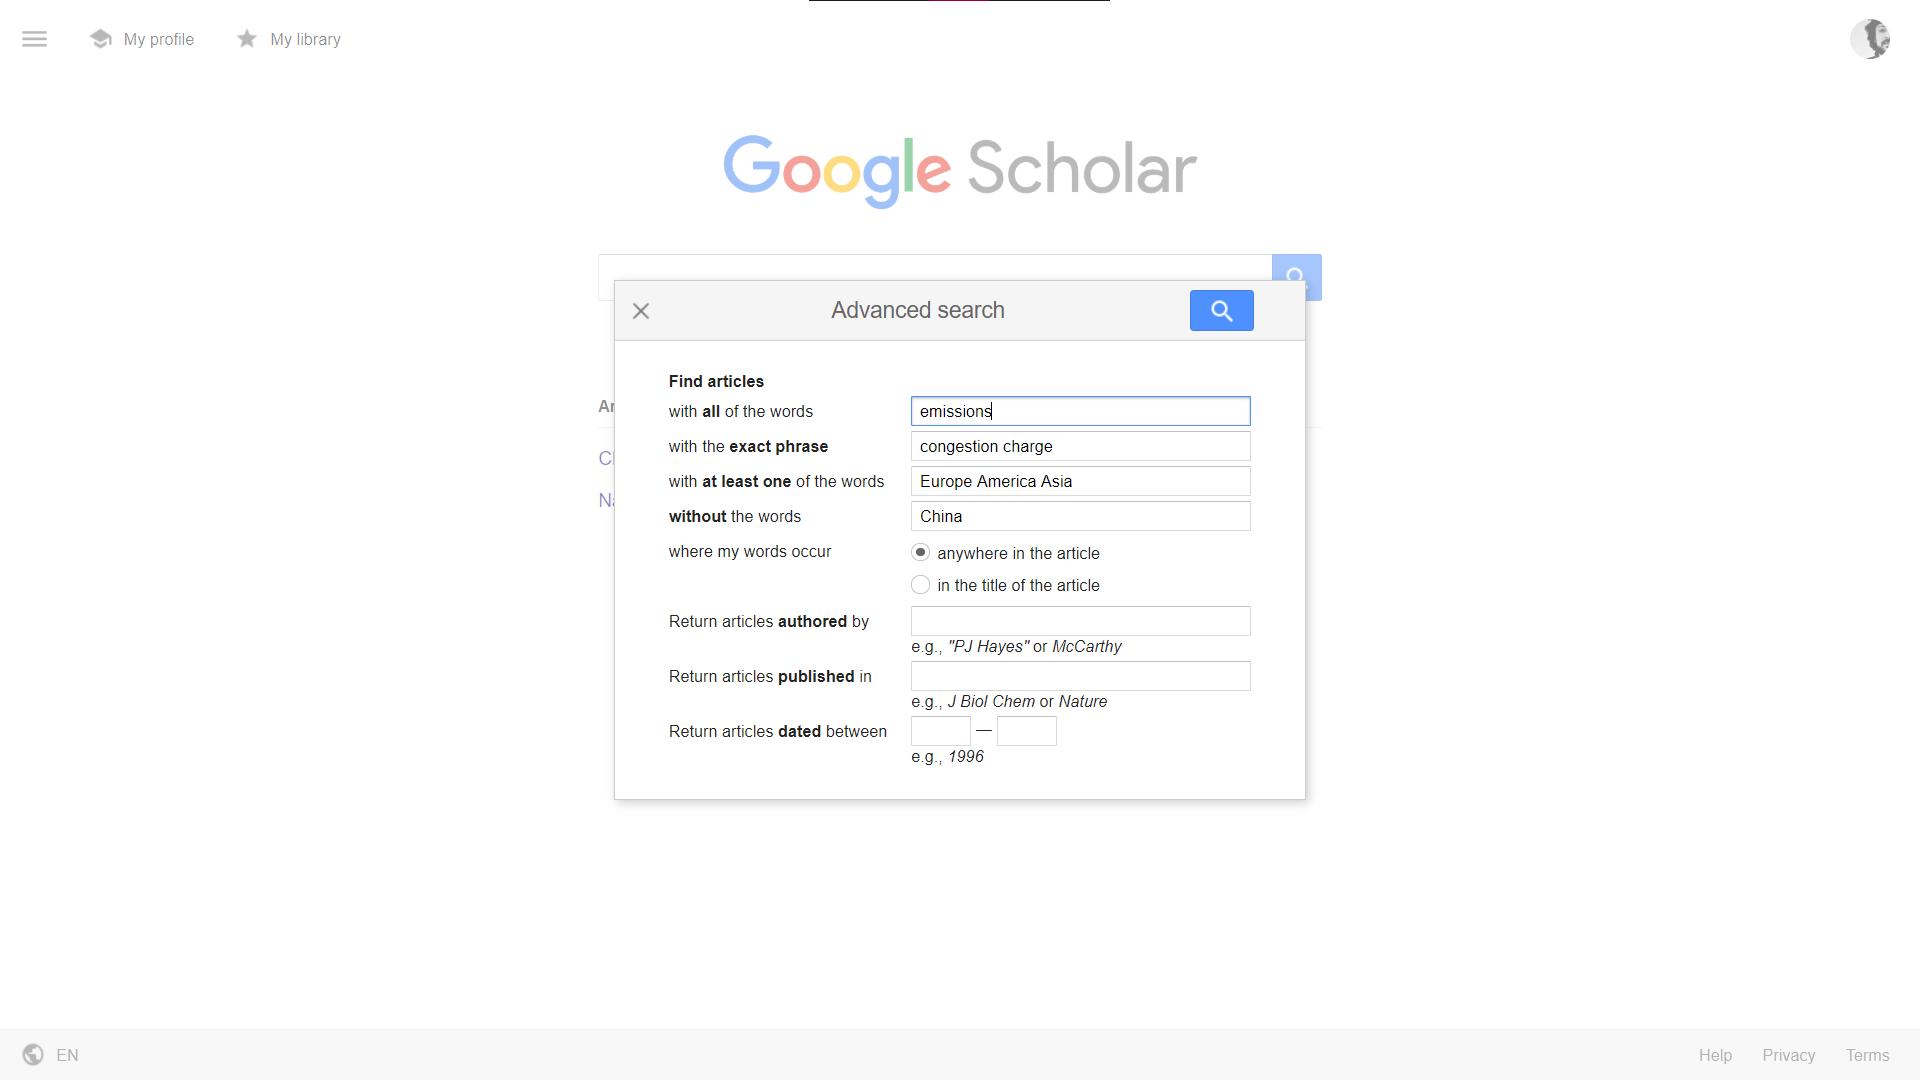 جستجوی پیشرفته در گوگل اسکولار